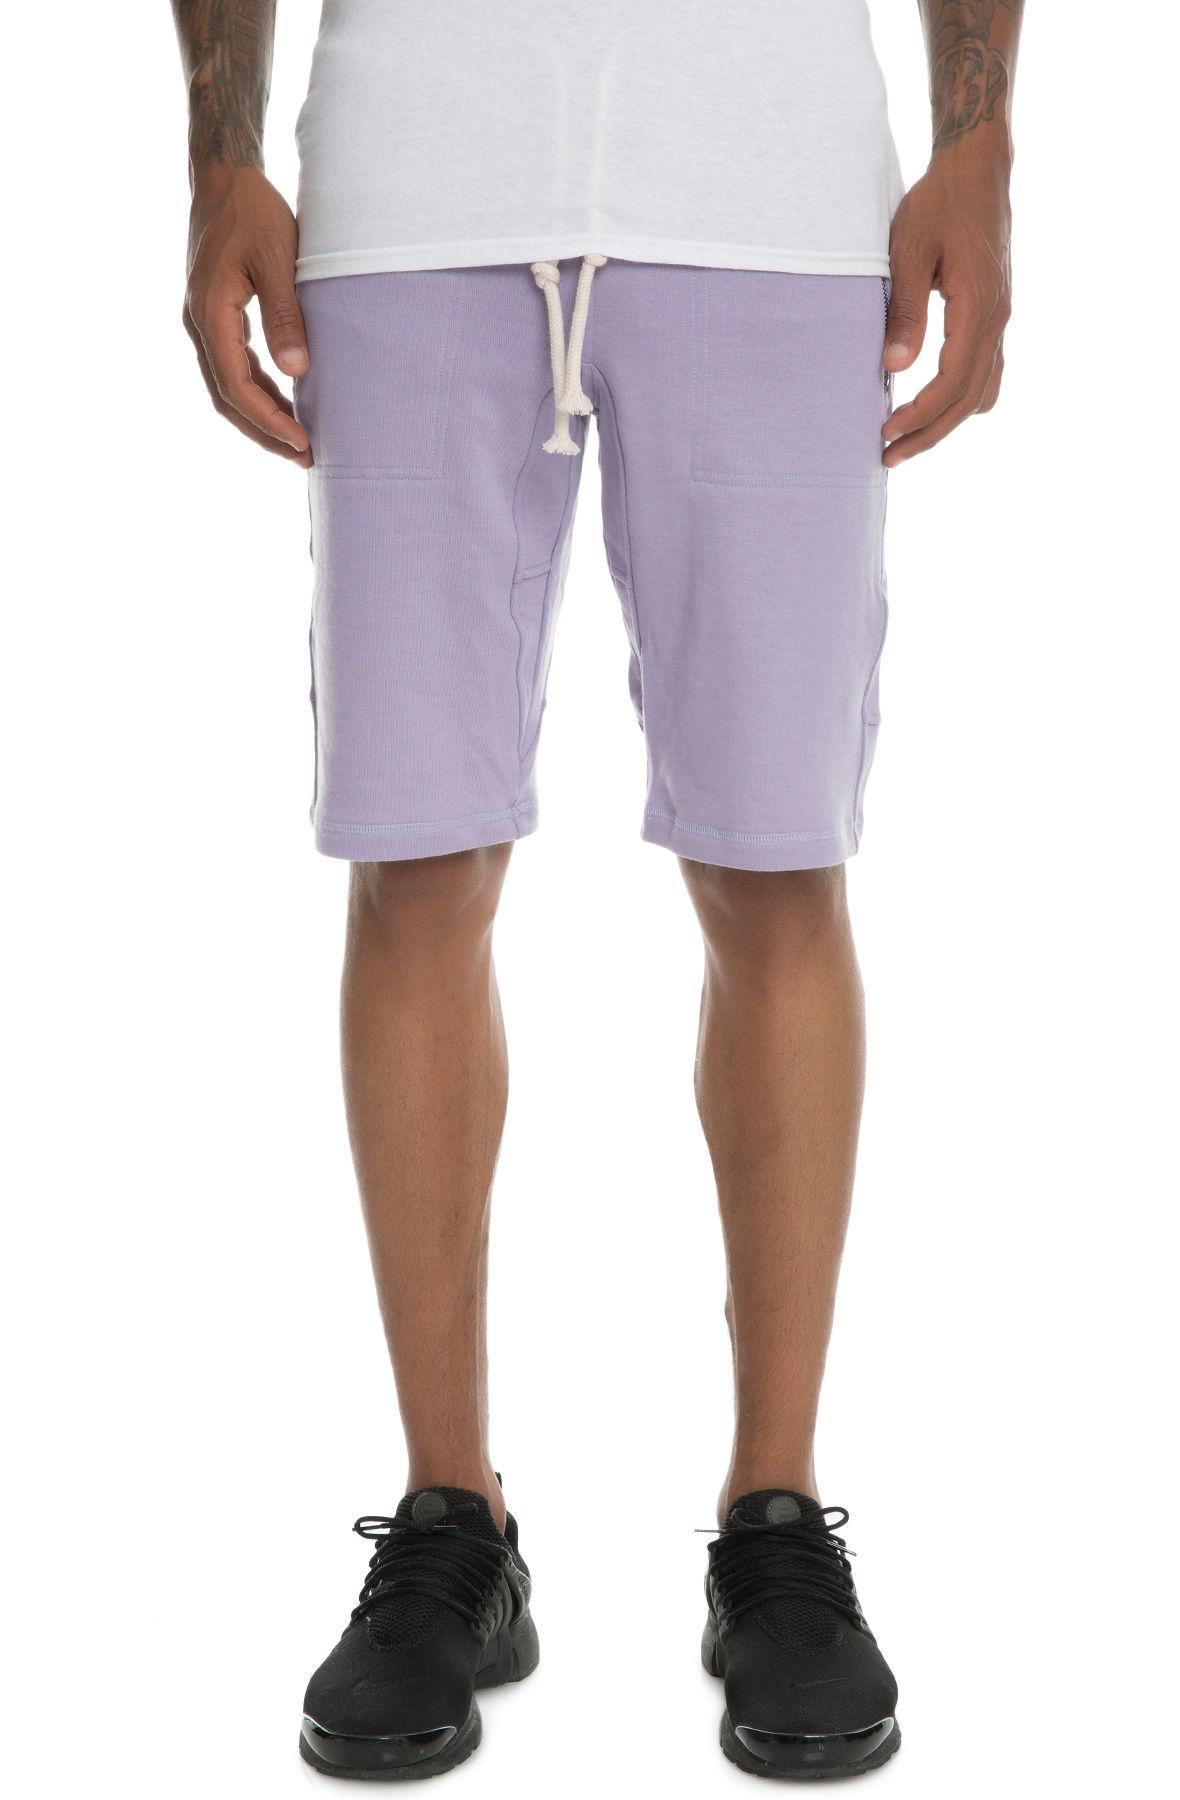 Image of The Laurencio Fleece shorts in Lavender